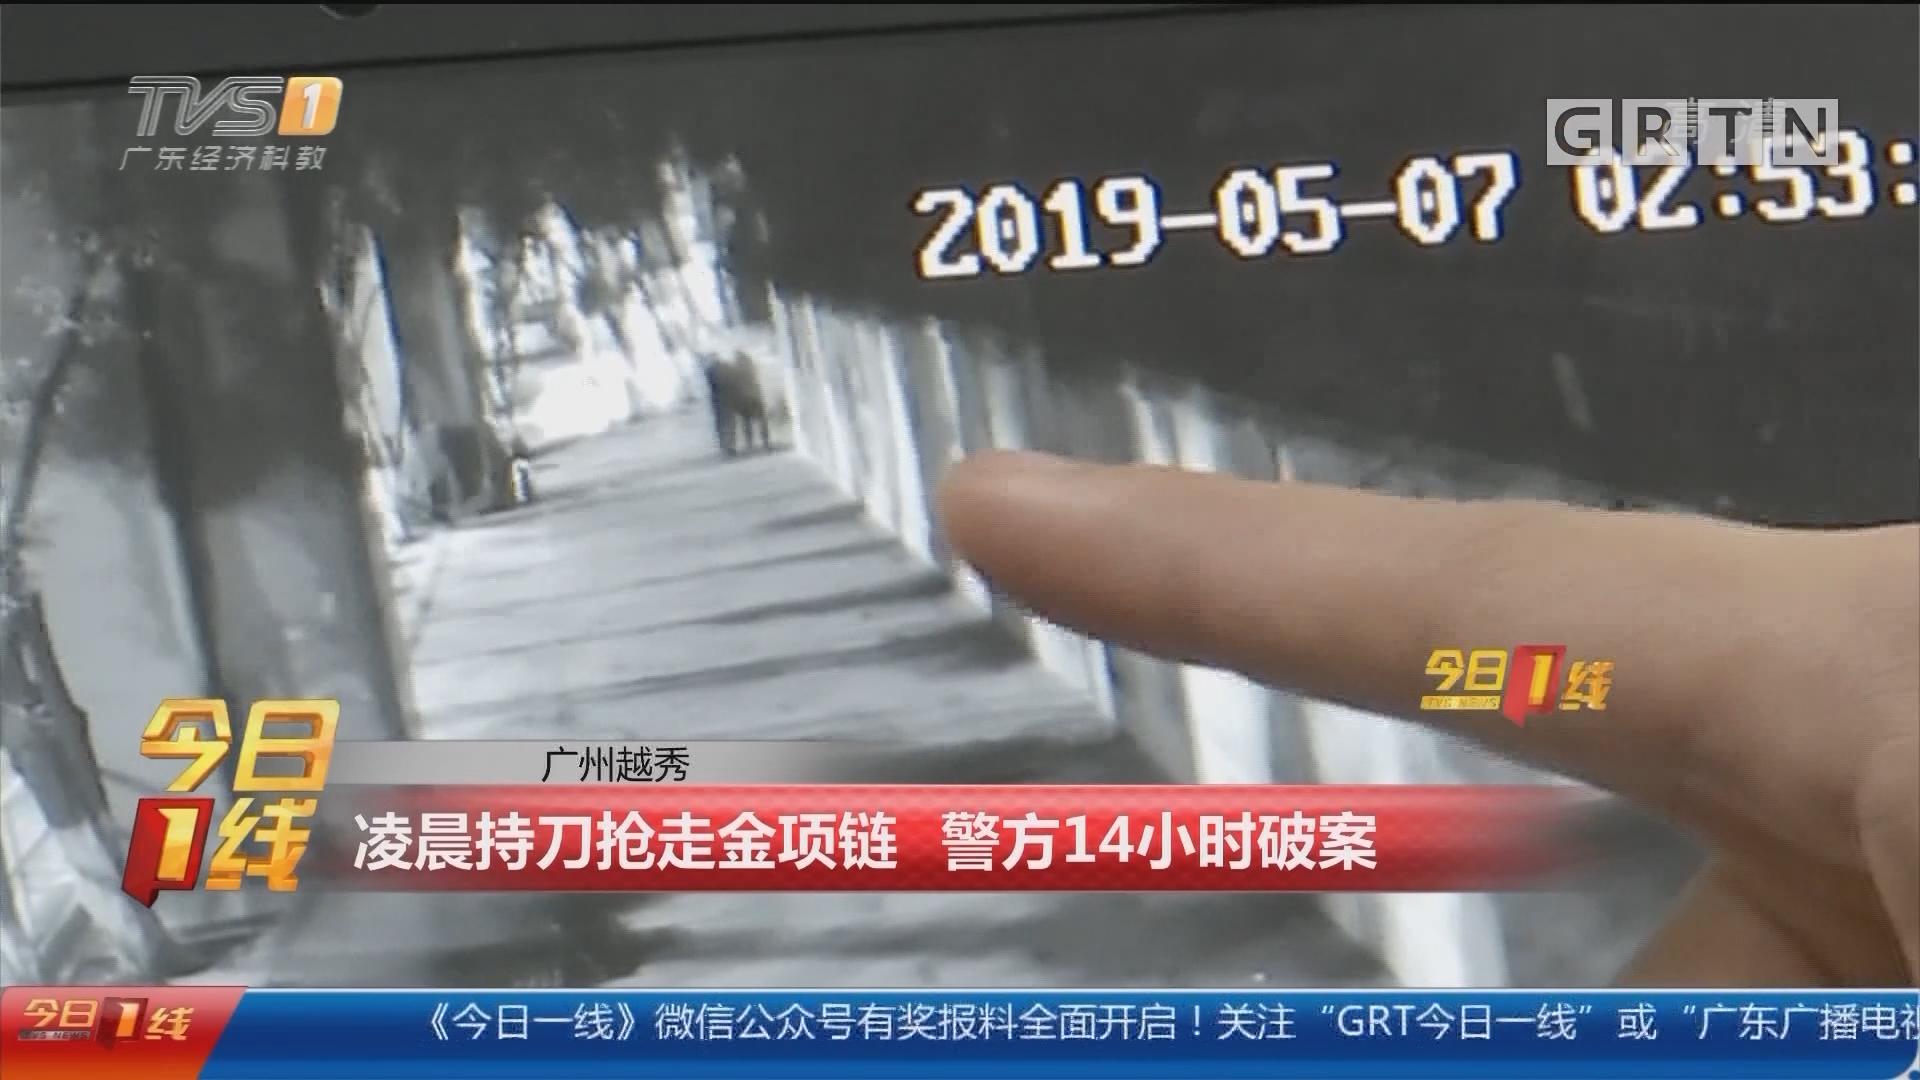 广州越秀:凌晨持刀抢走金项链 警方14小时破案